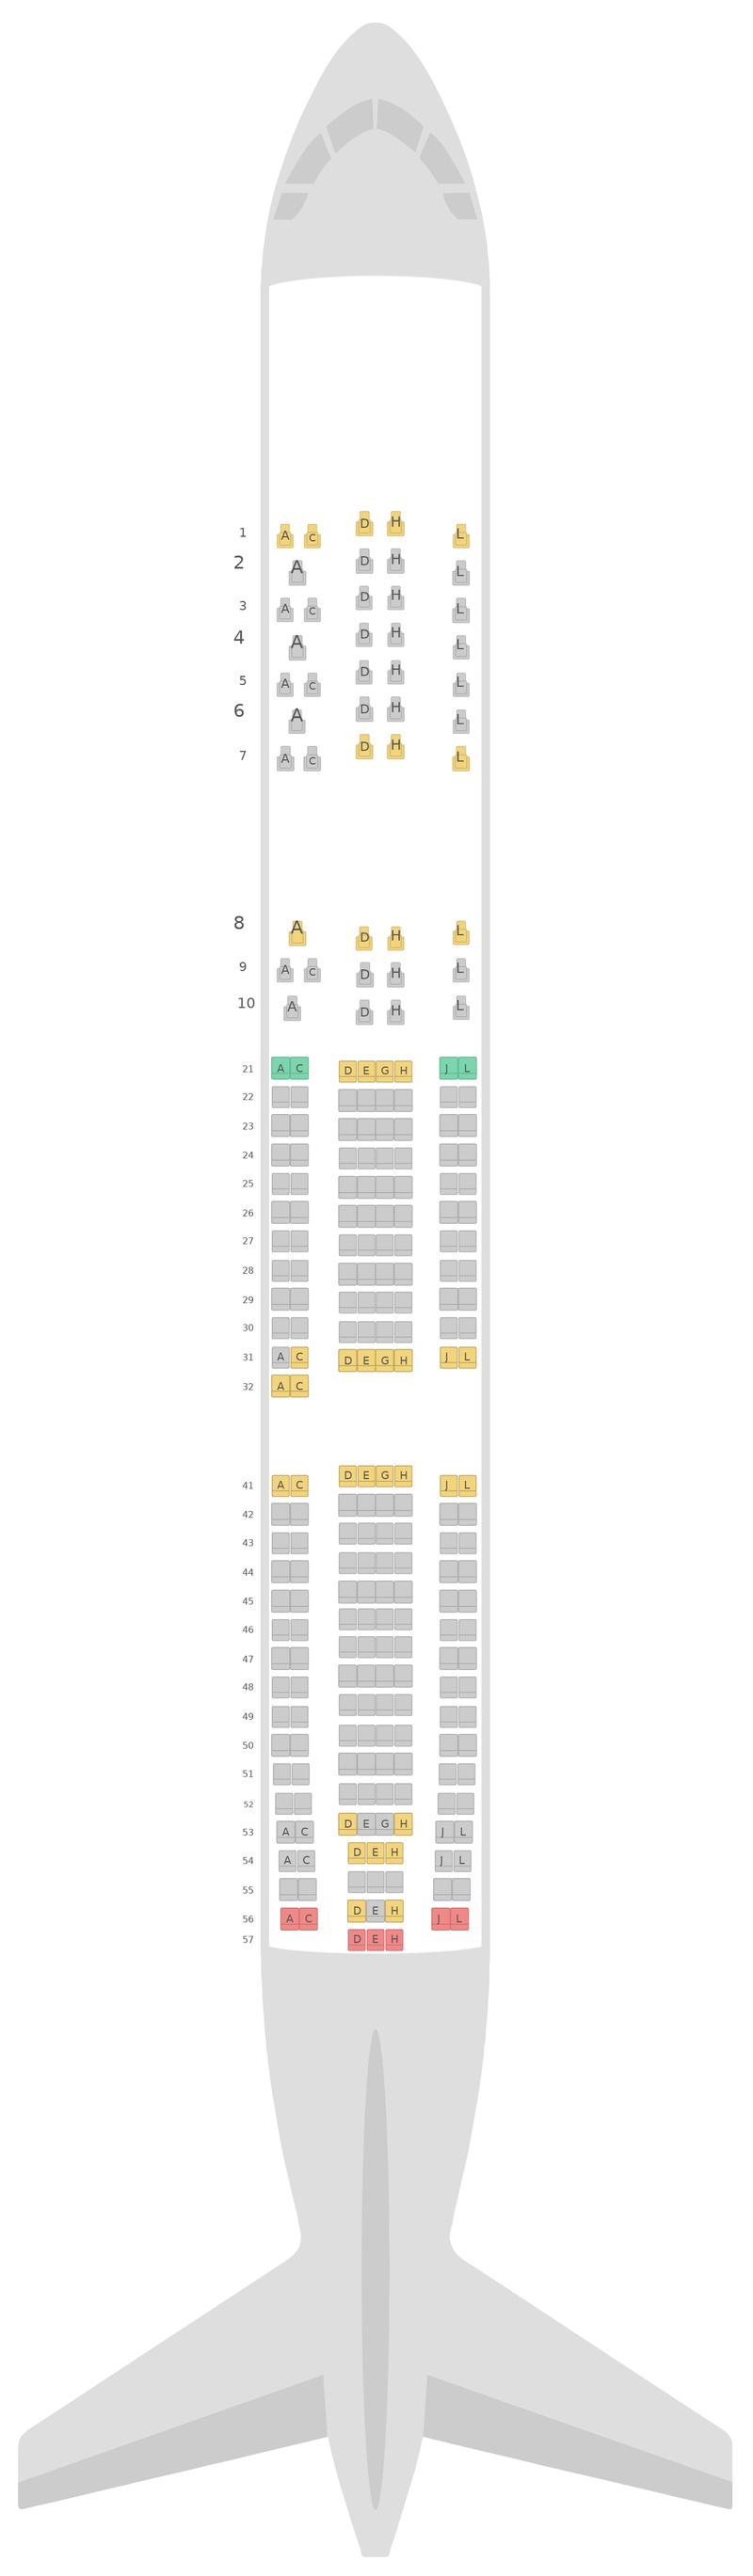 Схема салона Аэробус А330-300 (333) v1 Финнэйр